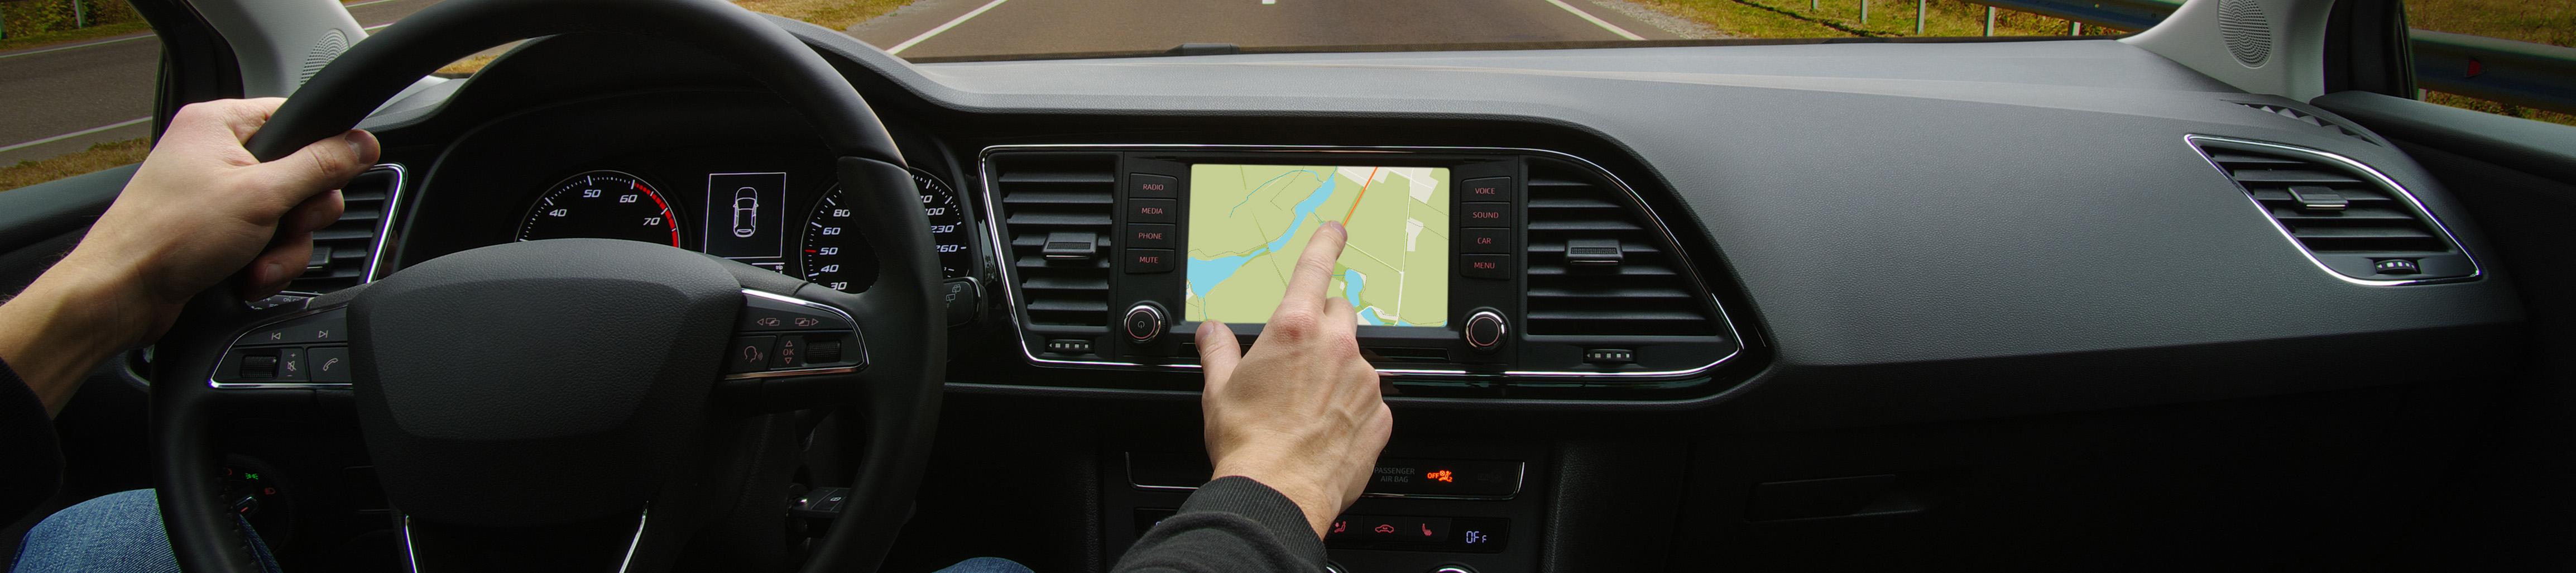 Best In-Dash Navigation of 2019 - Aftermarket Navigation